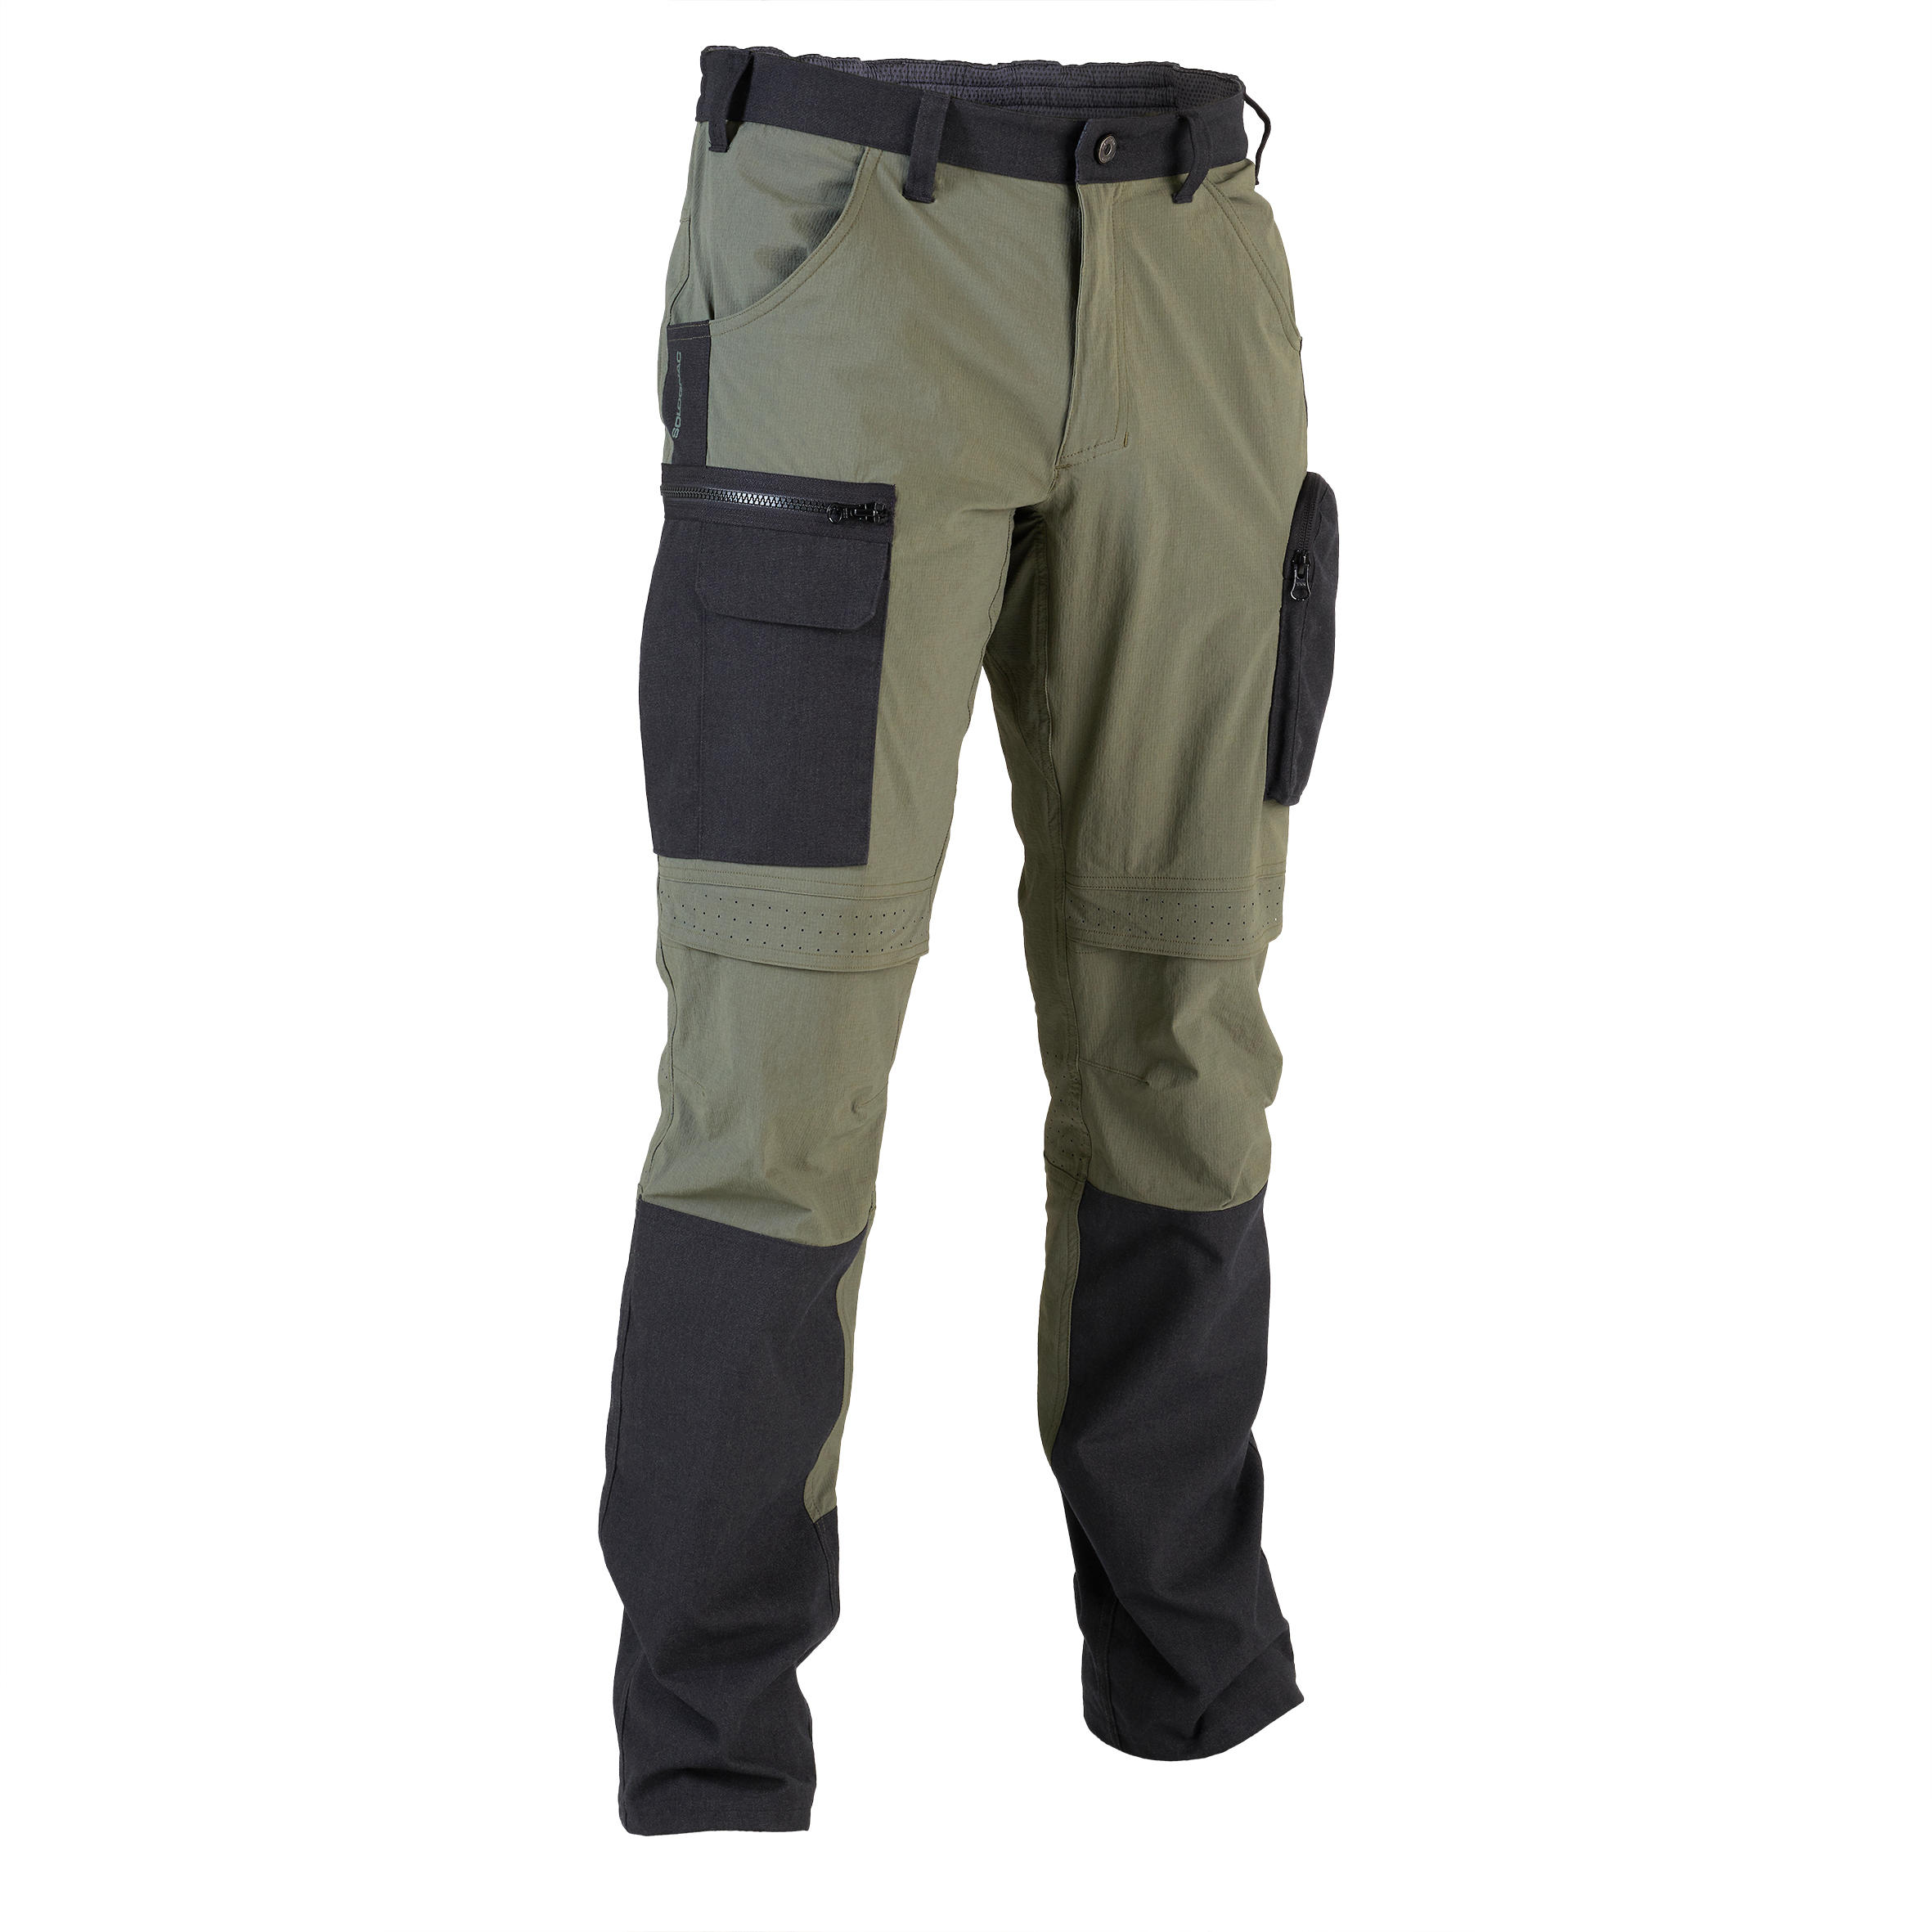 Pantalon 900 rezistent imagine